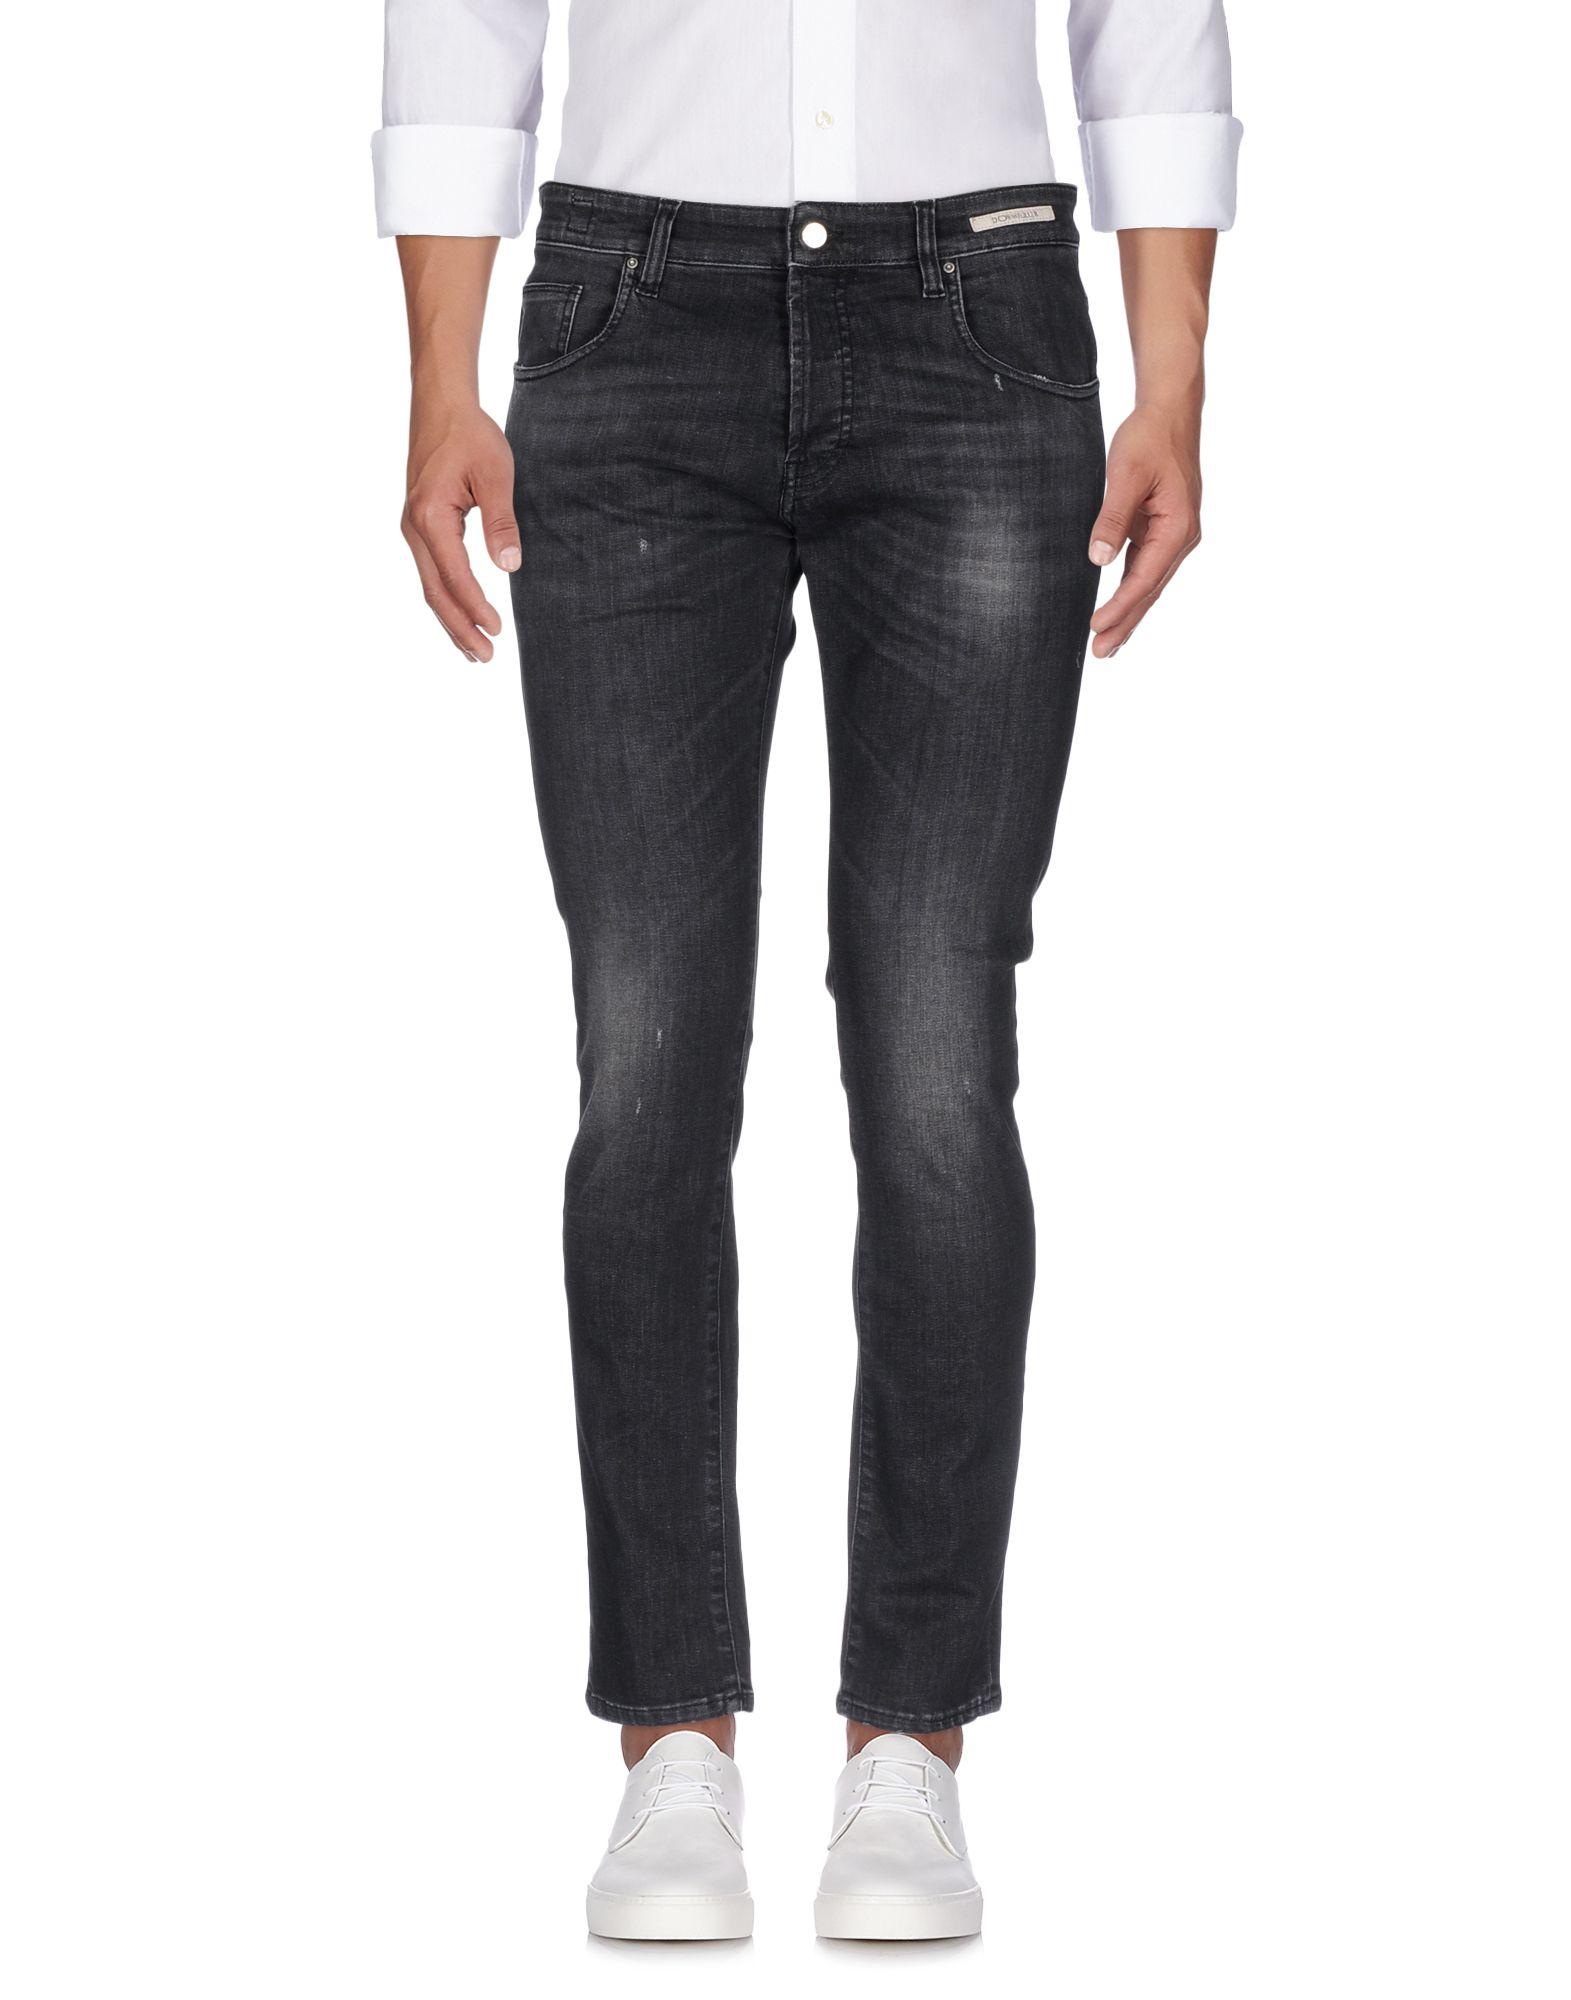 Pantaloni Jeans - Don The Fuller Uomo - Jeans 42651077PB 635c6b